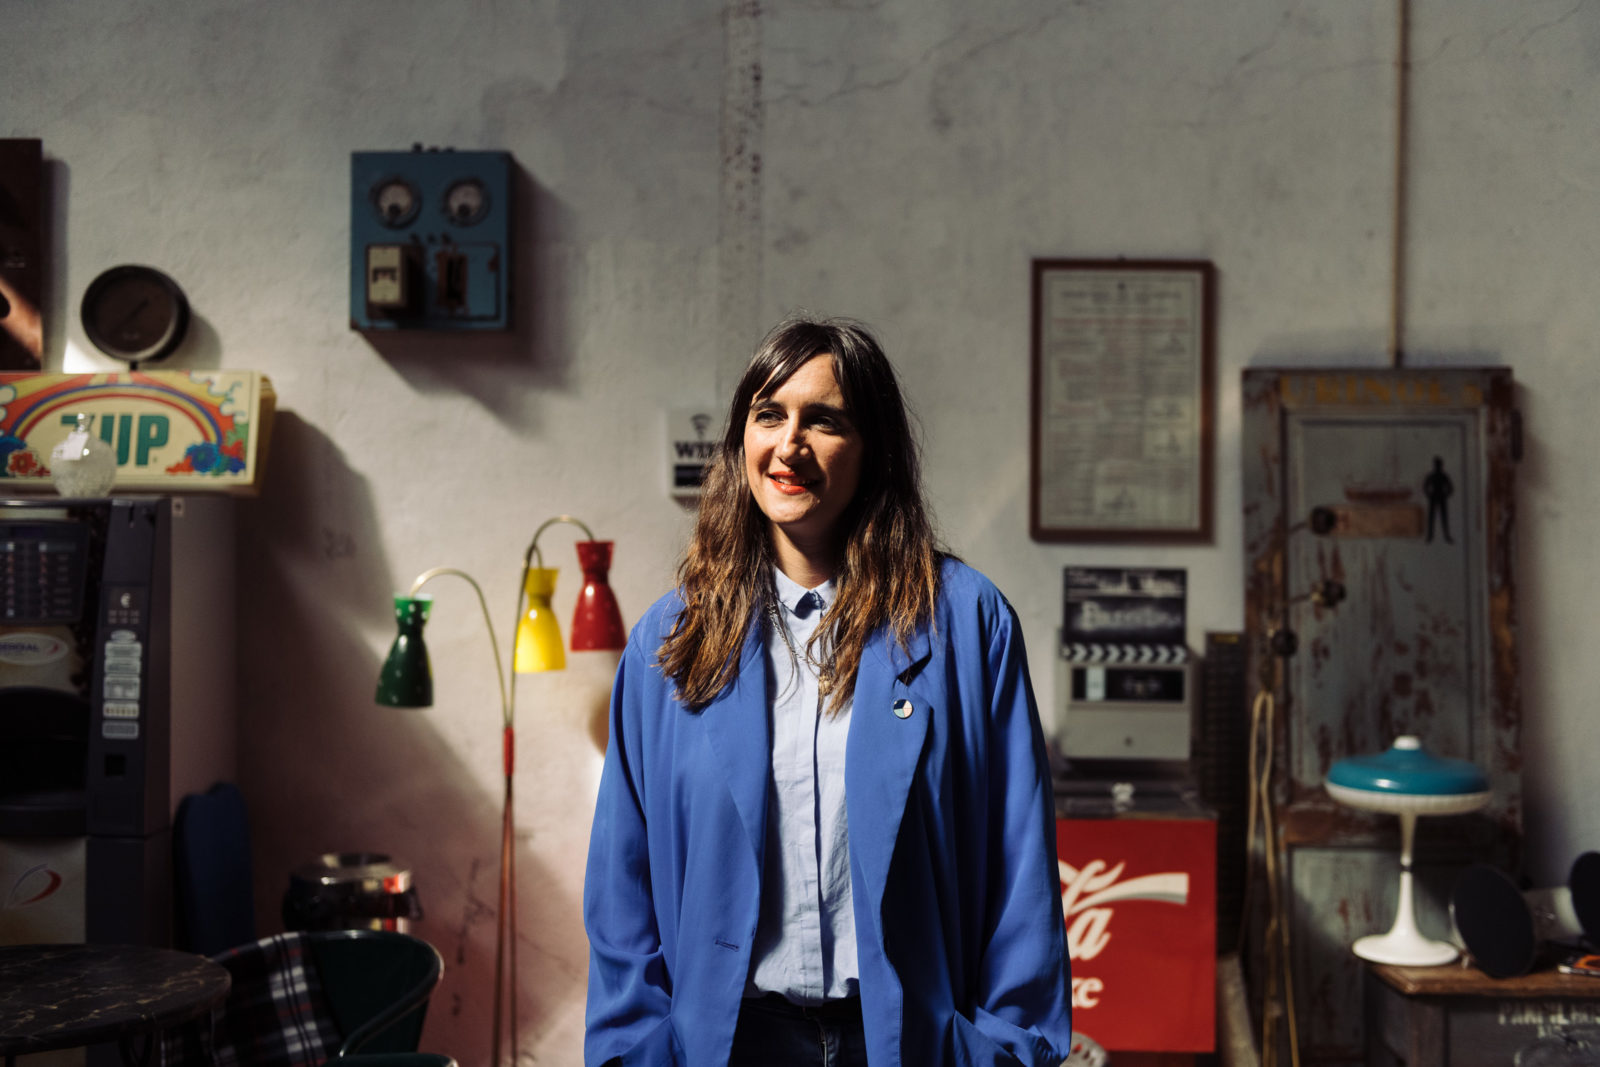 Freunde-von-Freunden-Joana-Asolfi-1430-1600x1067.jpg